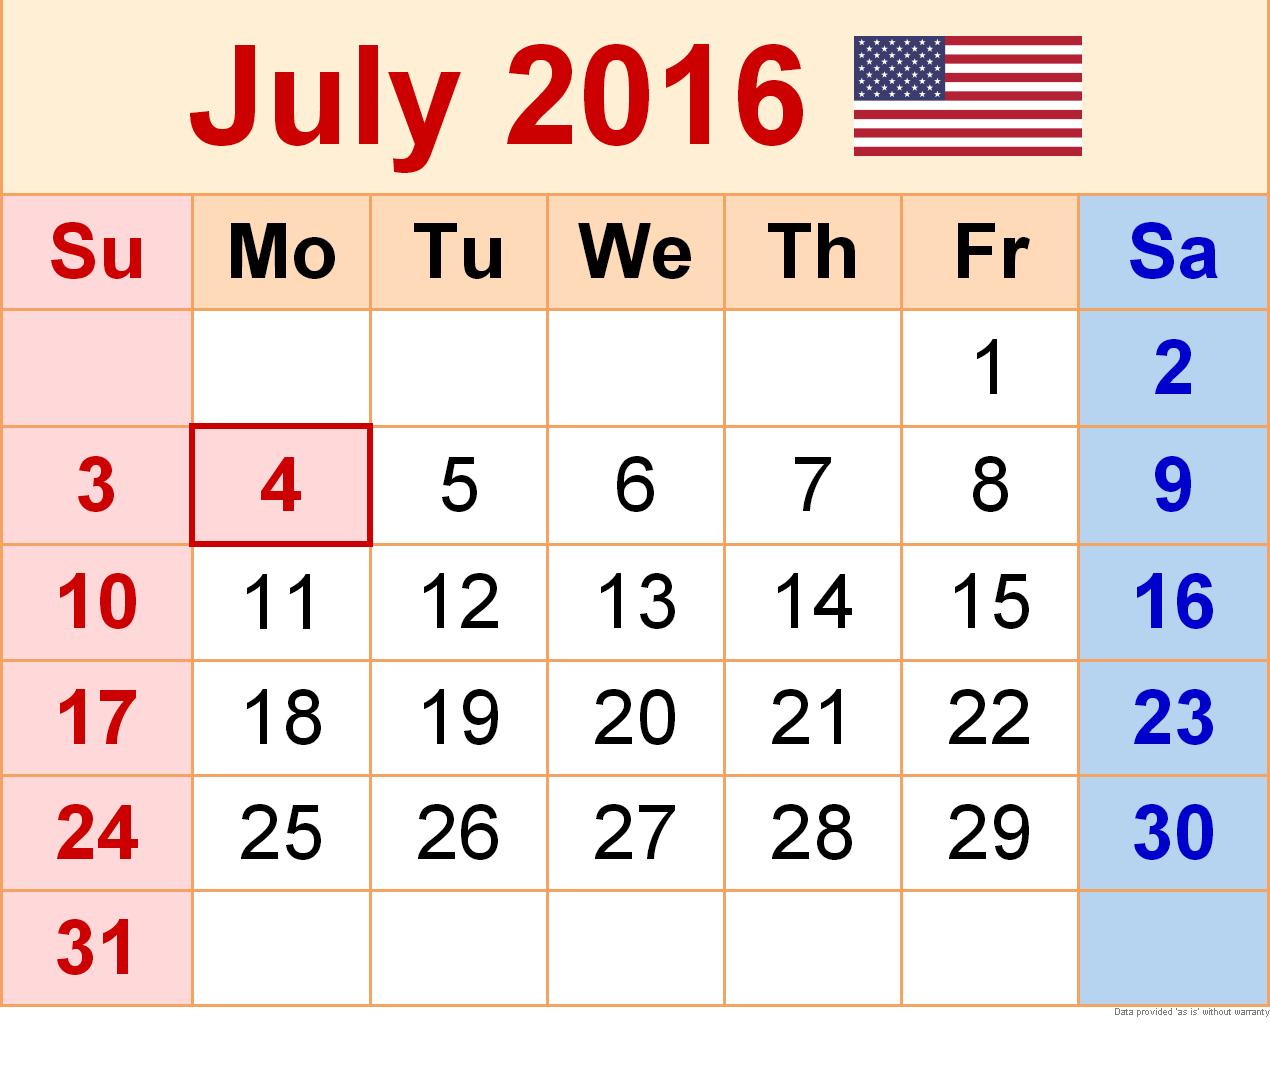 July 2016 calendar clipart jpg download Calendar july 2016 clipart - ClipartFox jpg download